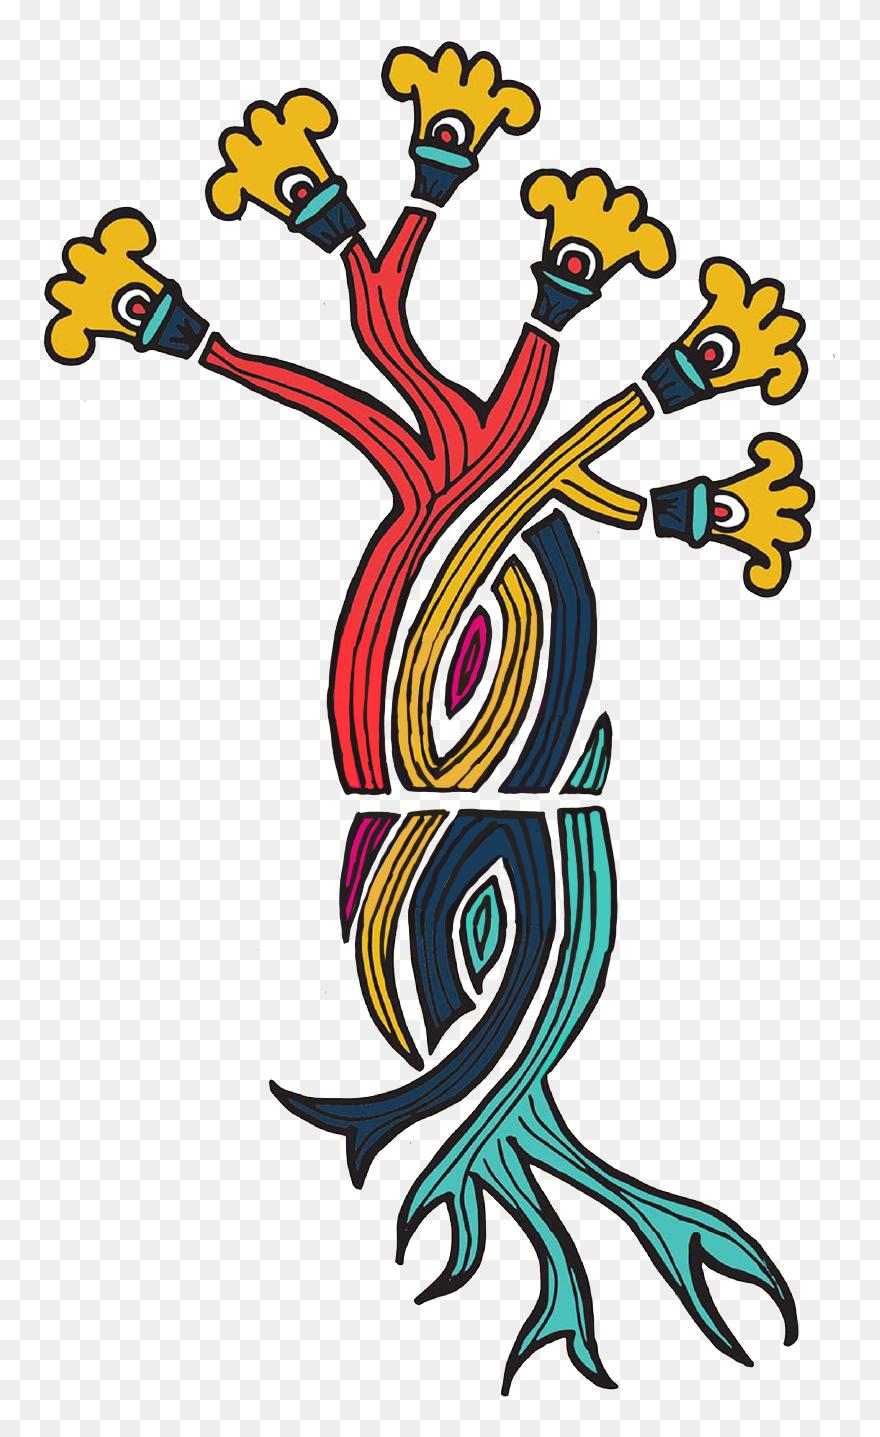 Iroots Logo Drawn Transparent Joyeux Anniversaire Demi Siecle Clipart 5590377 Pinclipart